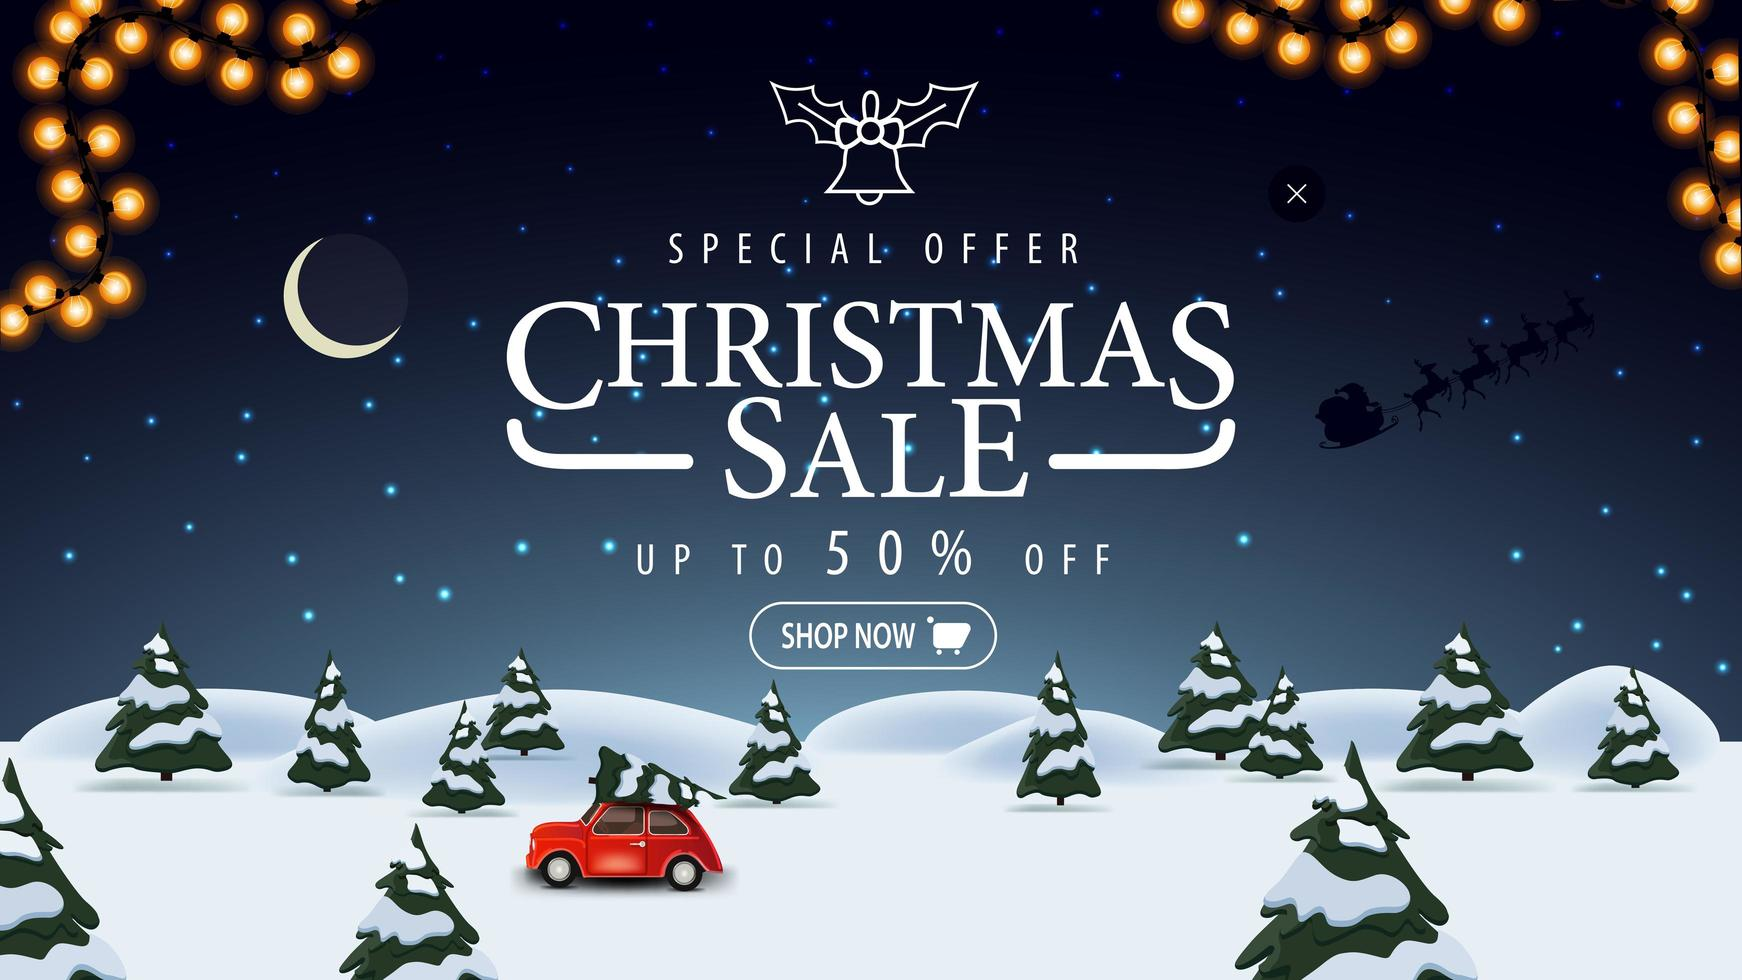 Sonderangebot, Weihnachtsverkauf, bis zu 50 Rabatt, blaues Rabattbanner mit Nachtwinterlandschaft auf Hintergrund, Sternenhimmel und rotem Oldtimer mit Weihnachtsbaum vektor